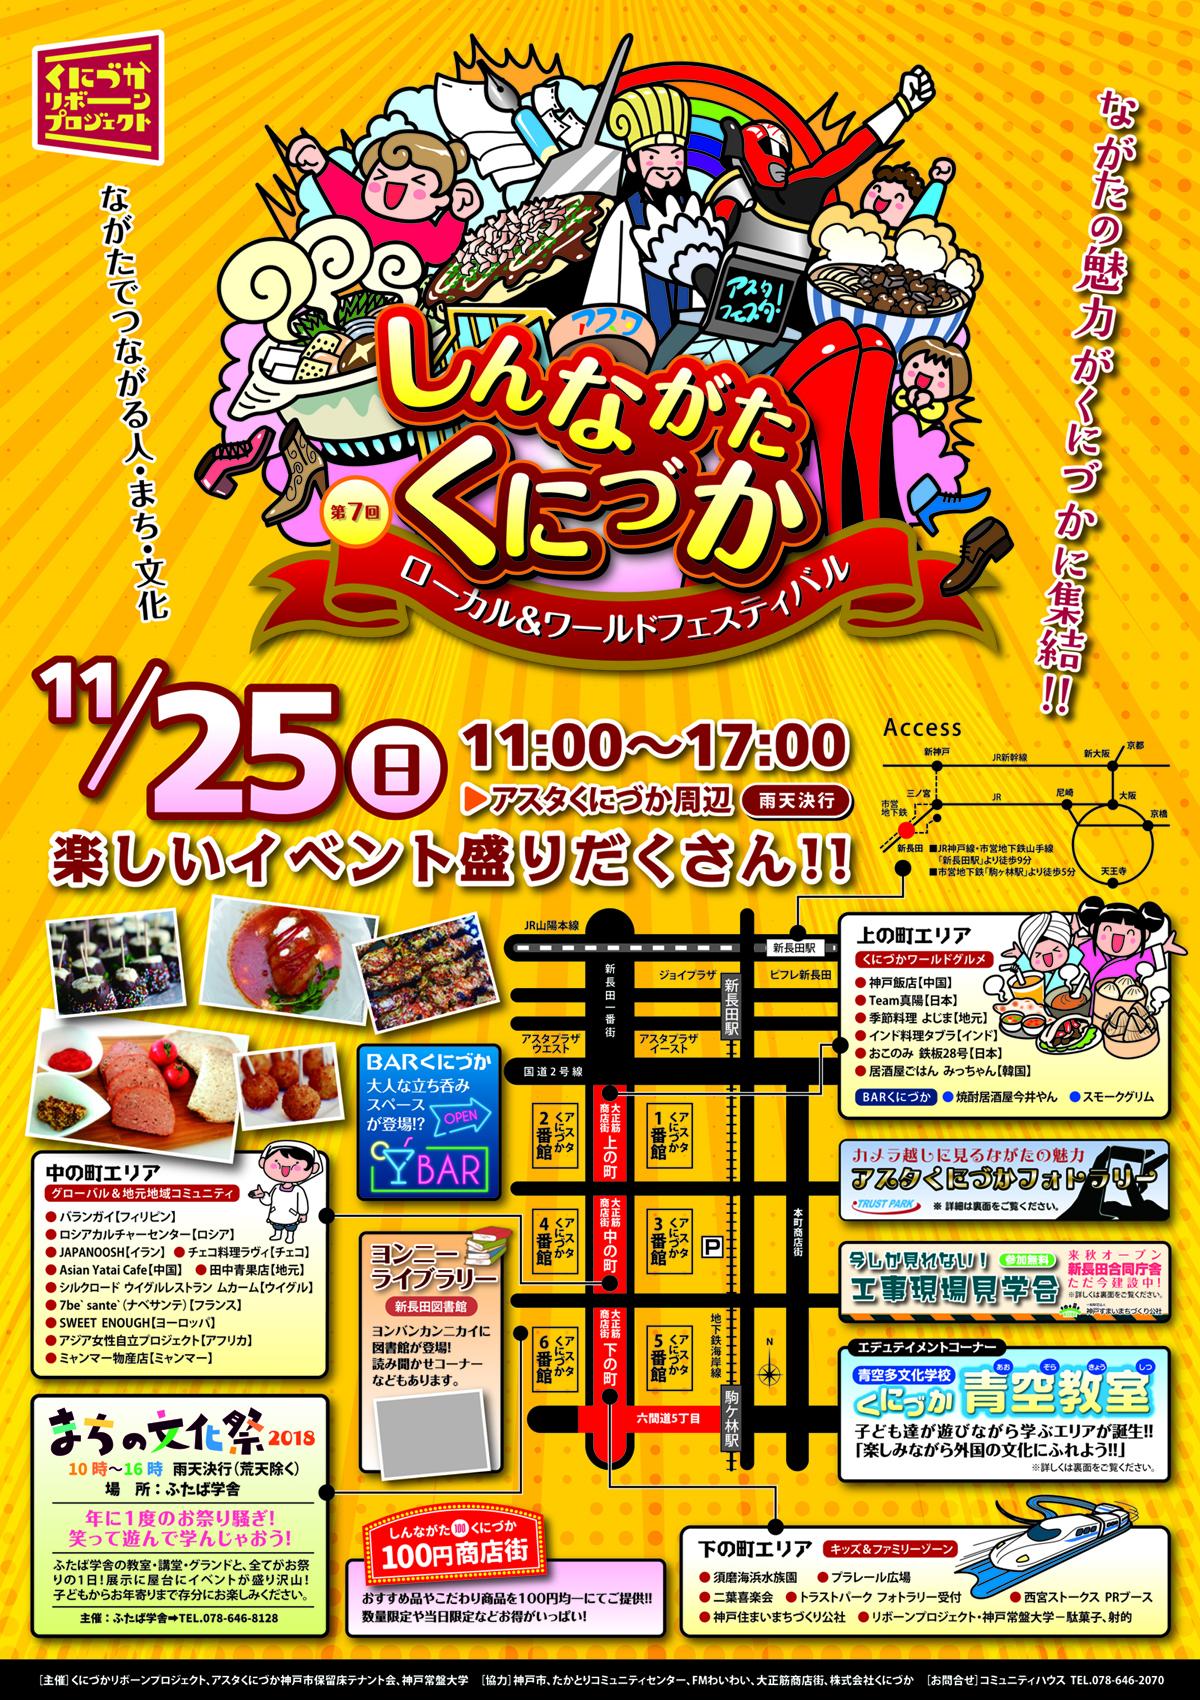 11/25(日)第7回しんながたくにづか ローカル&ワールドフェスティバル